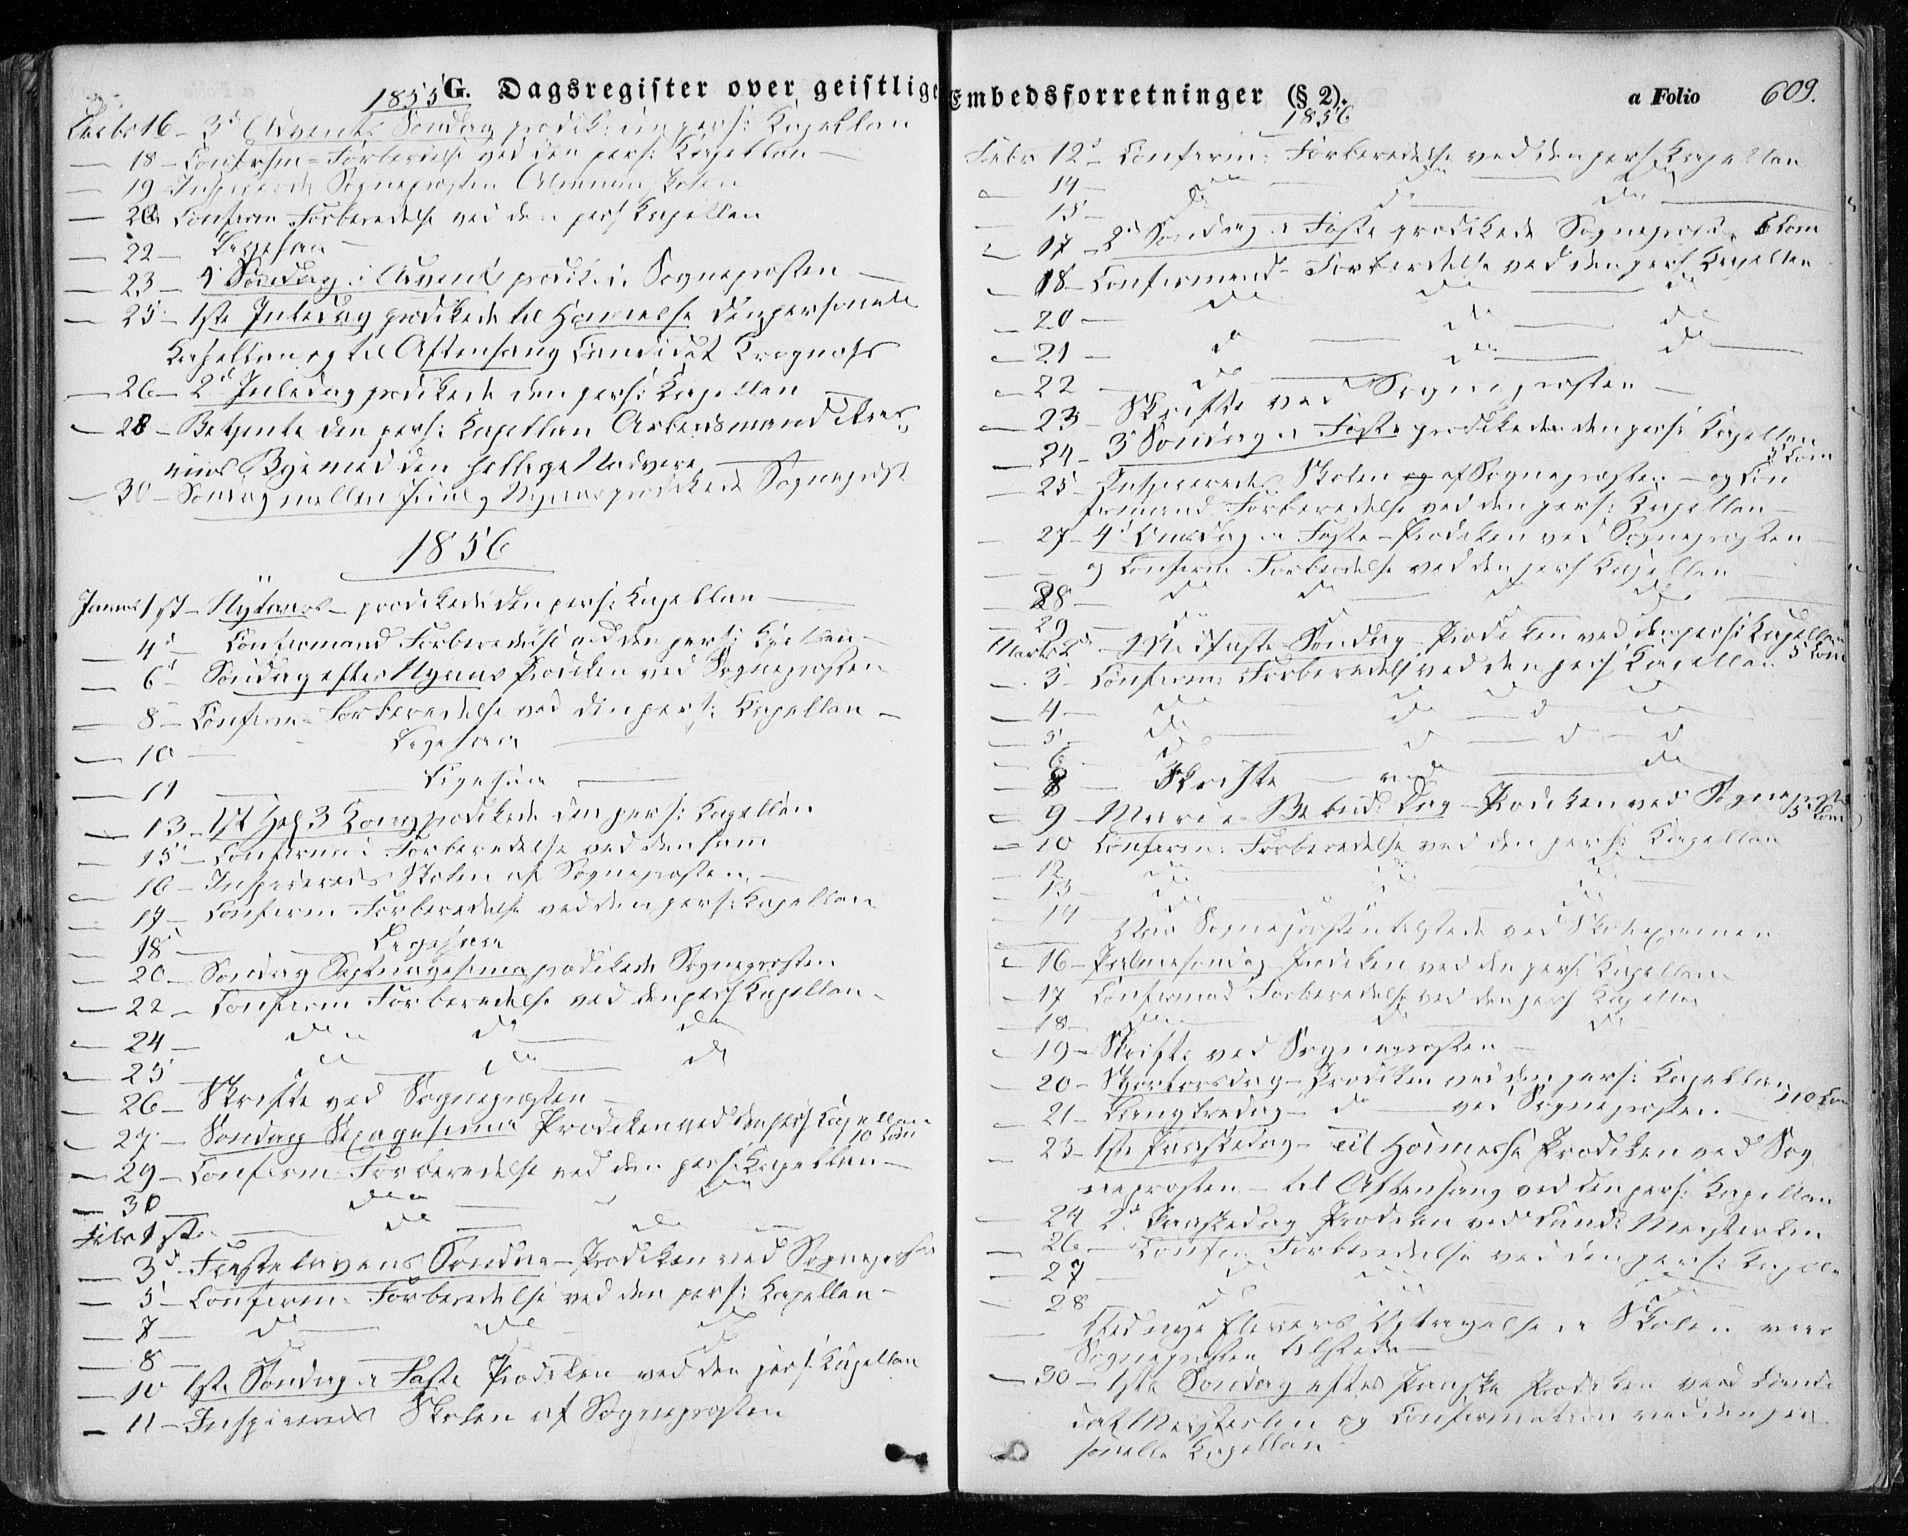 SAT, Ministerialprotokoller, klokkerbøker og fødselsregistre - Sør-Trøndelag, 601/L0051: Ministerialbok nr. 601A19, 1848-1857, s. 609